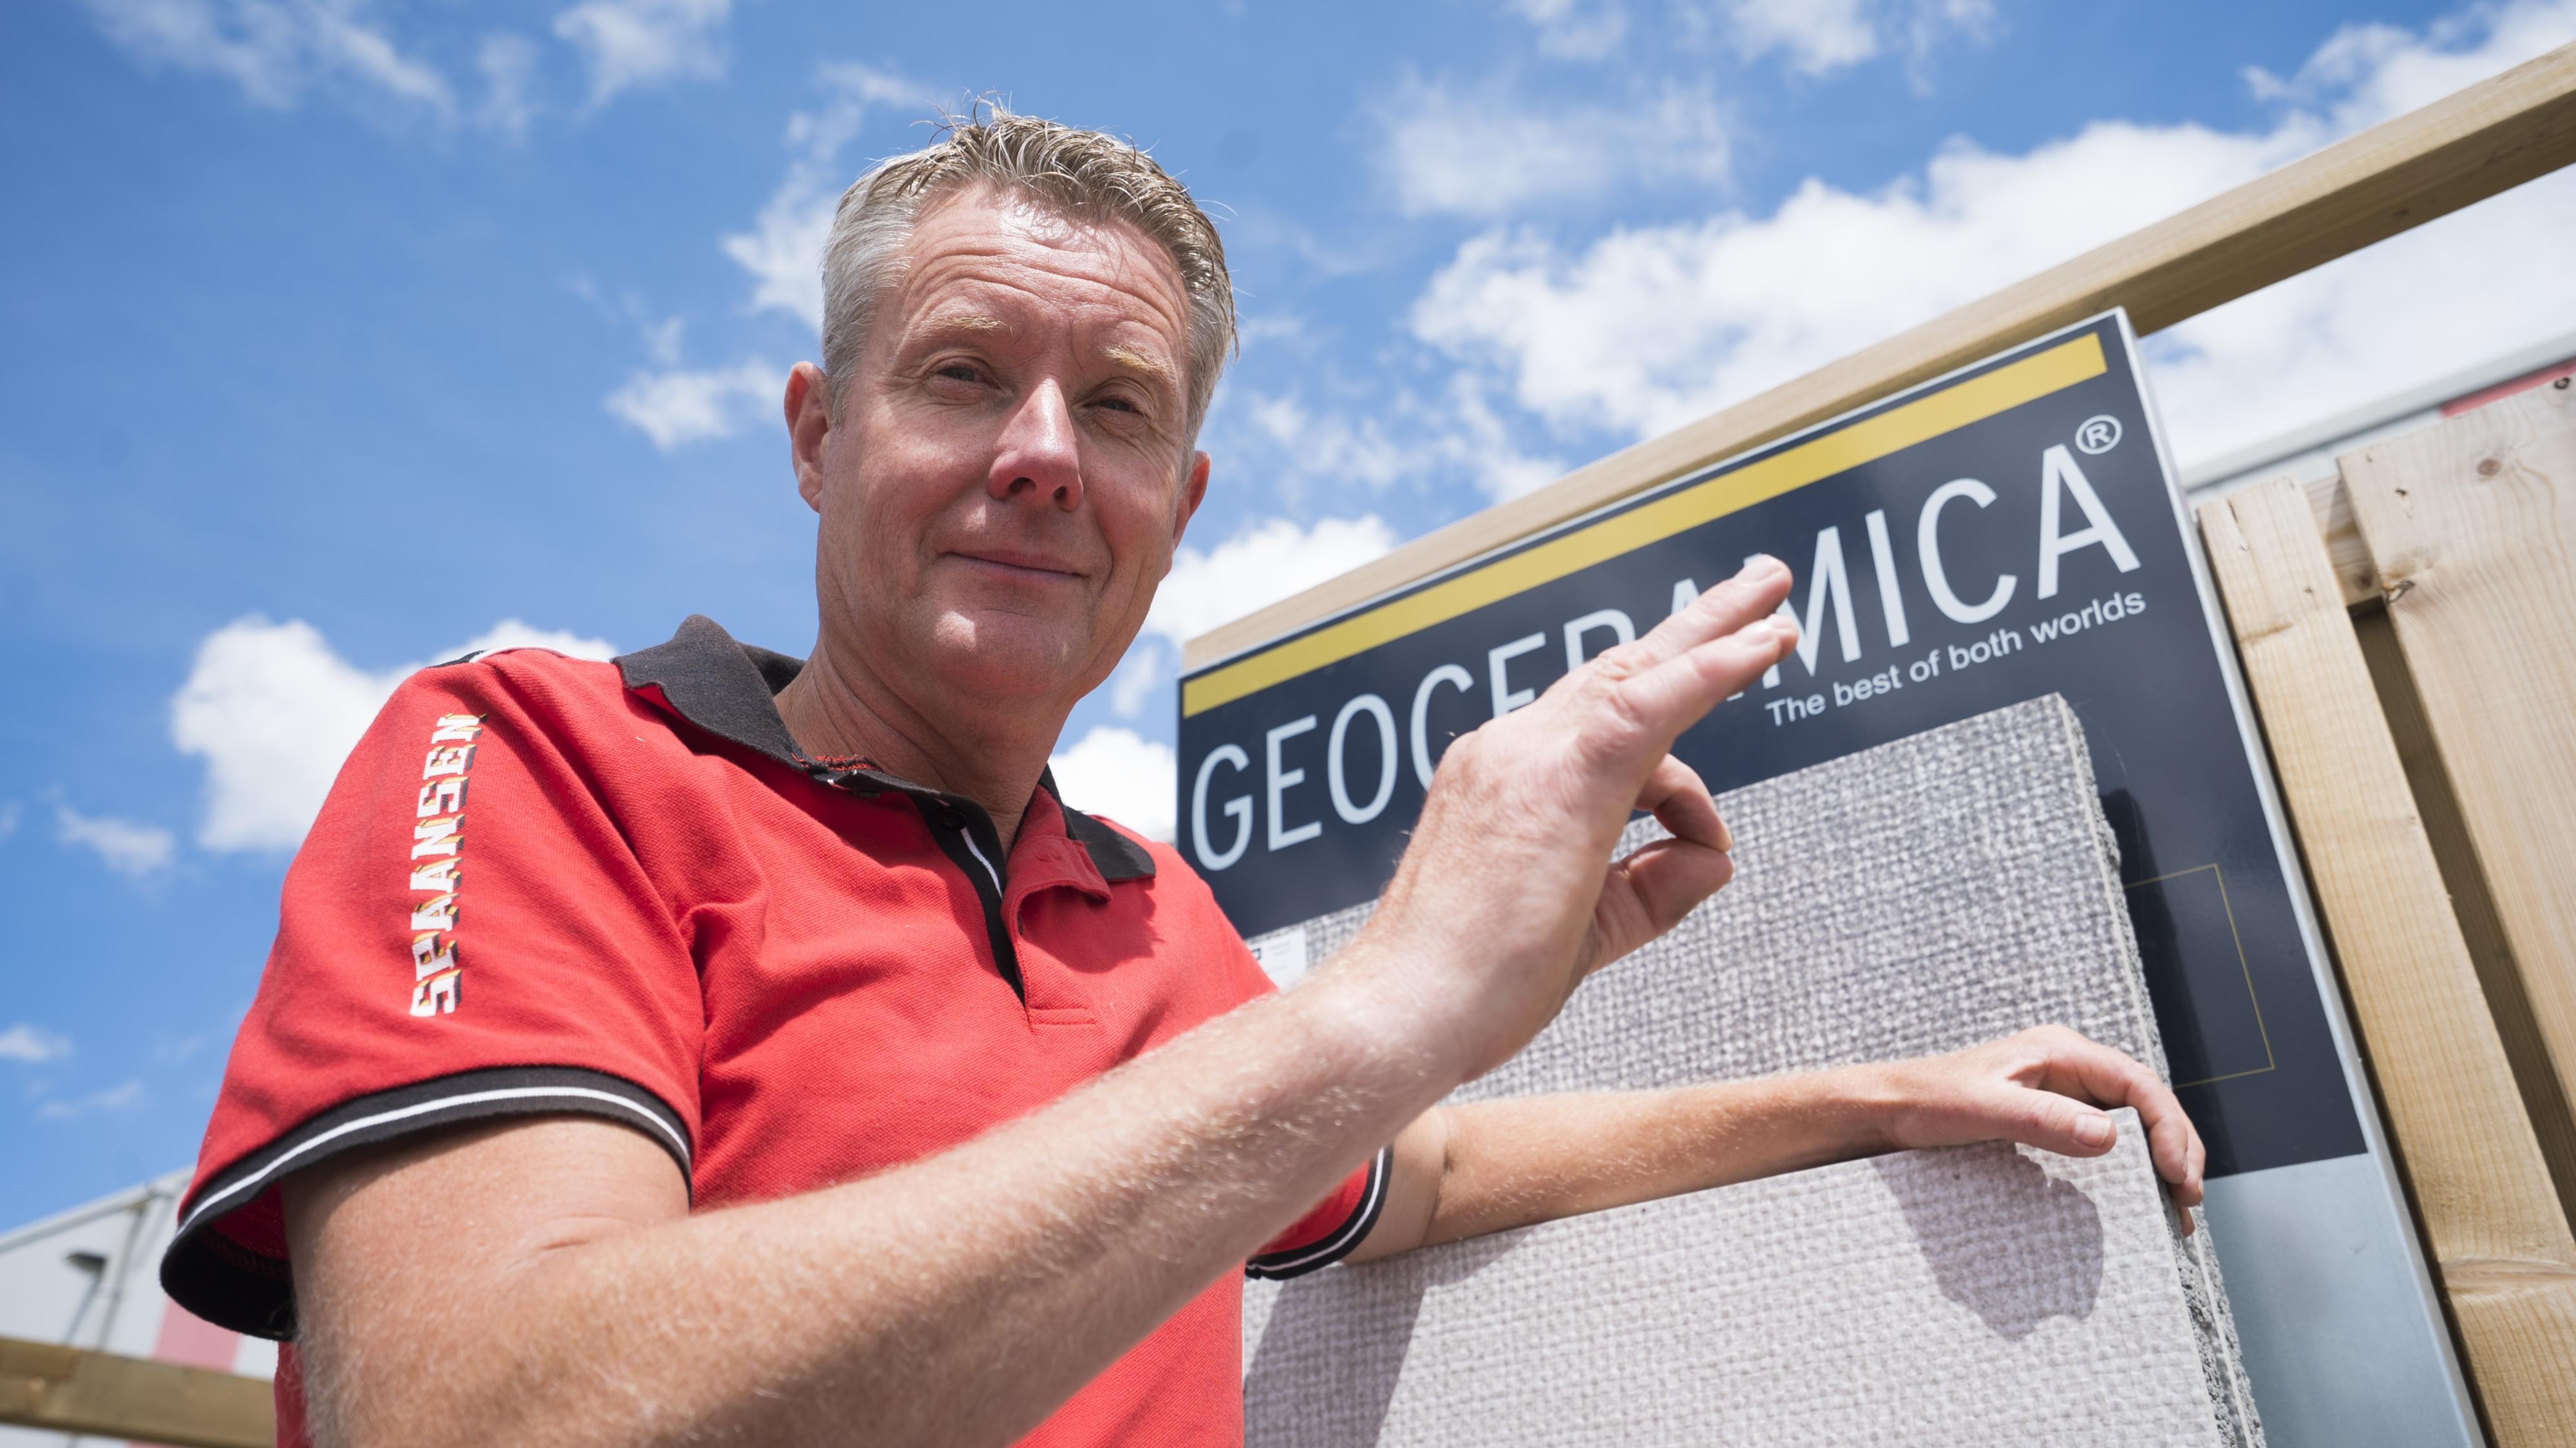 Spaansen Tuin en Bestrating-Rob de Tuinspecialist-Geocermica-MBI-keramische tegel-onderhoudsarm